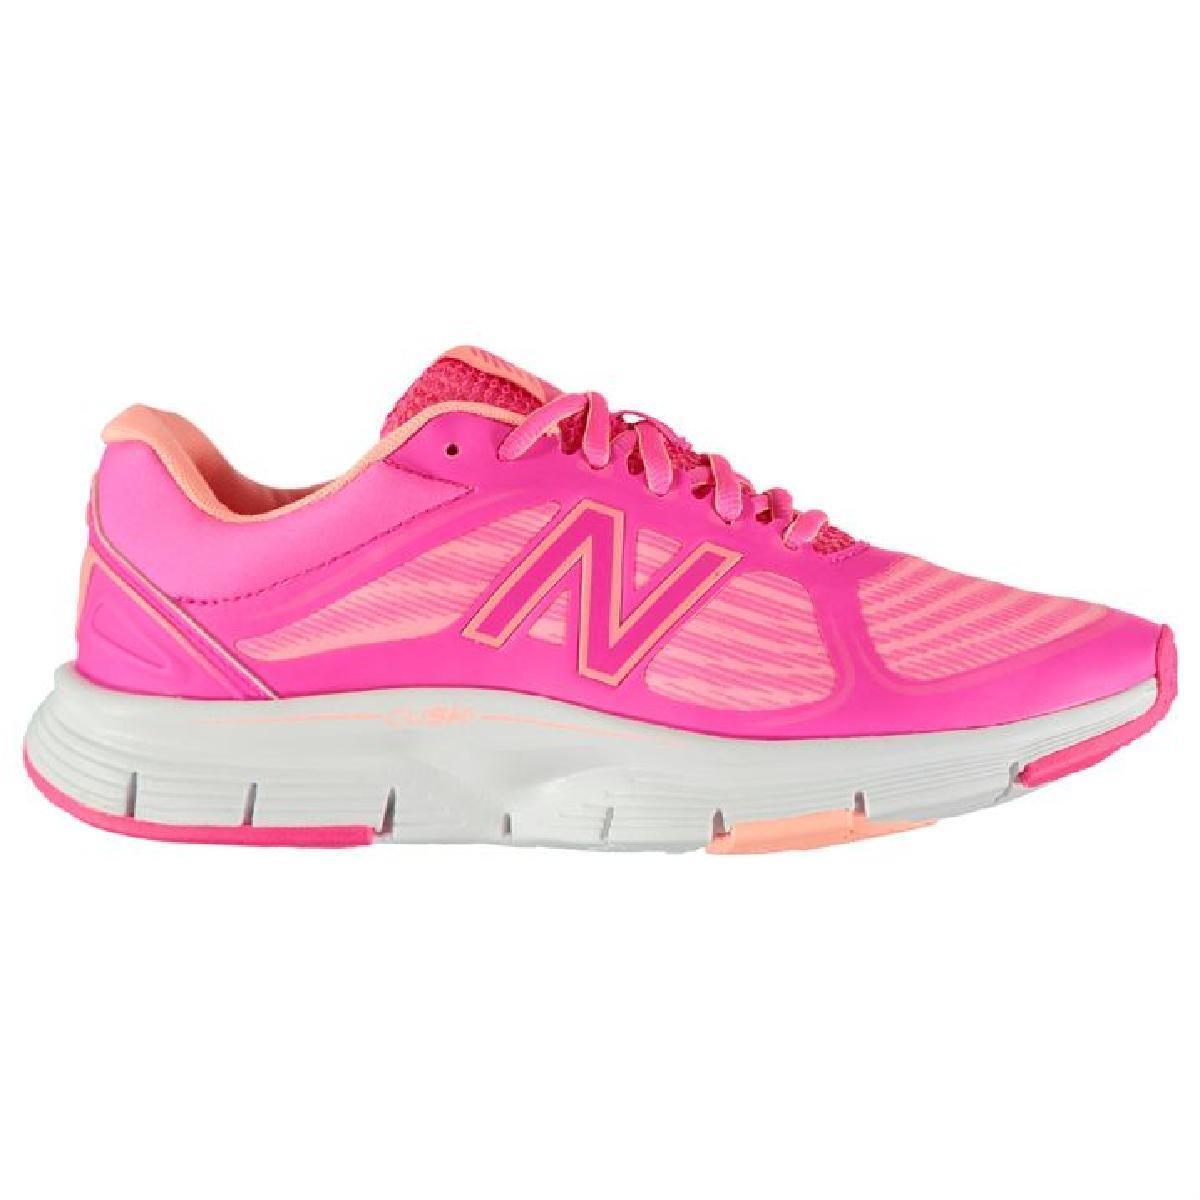 New balance Zapatillas Zapatos Zapatos Zapatos deportivos Zapatos señora talla 41 zapatillas Trainers risemv 1 8 653553